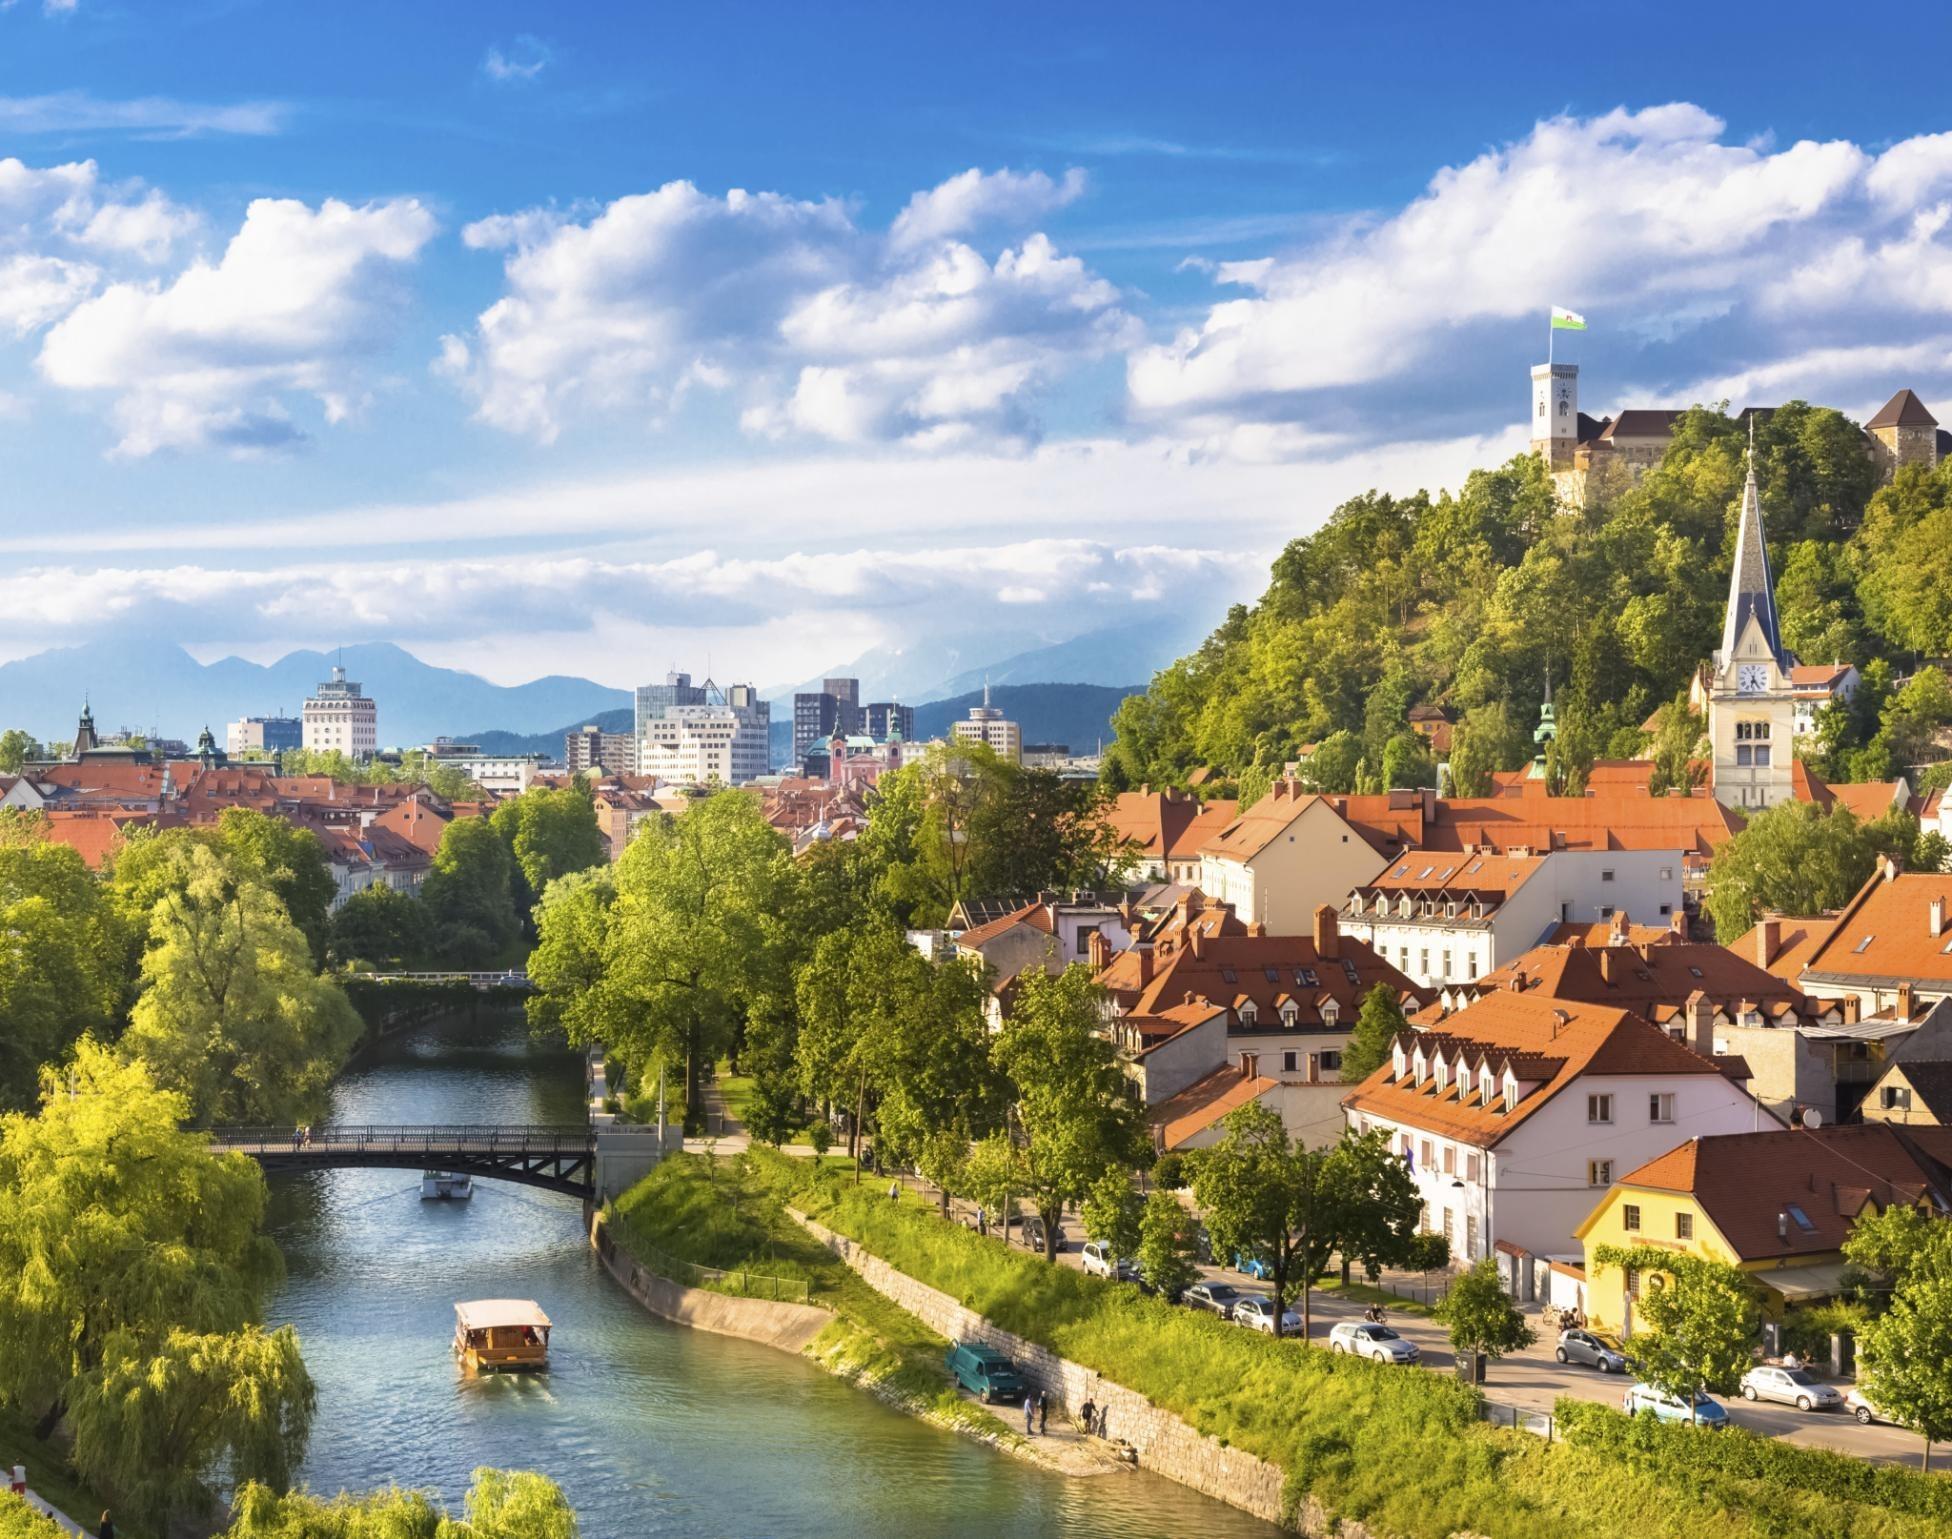 How to Spend 1 Day in Ljubljana